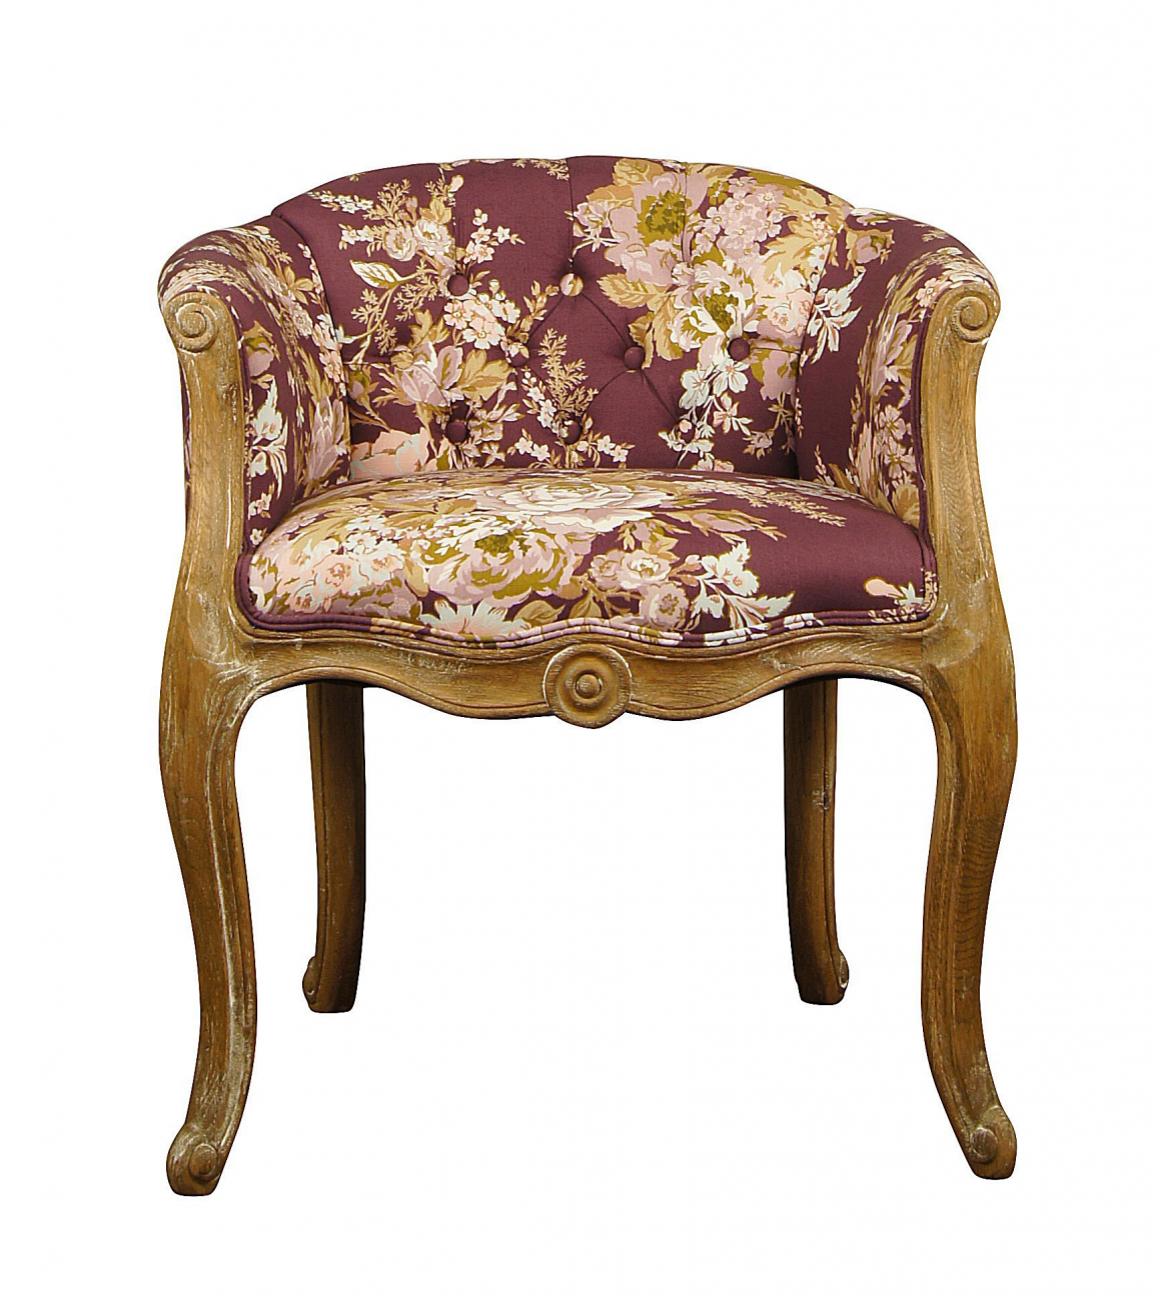 Купить Маленькое кресло Арт-Деко в кабинет в интернет магазине дизайнерской мебели и аксессуаров для дома и дачи